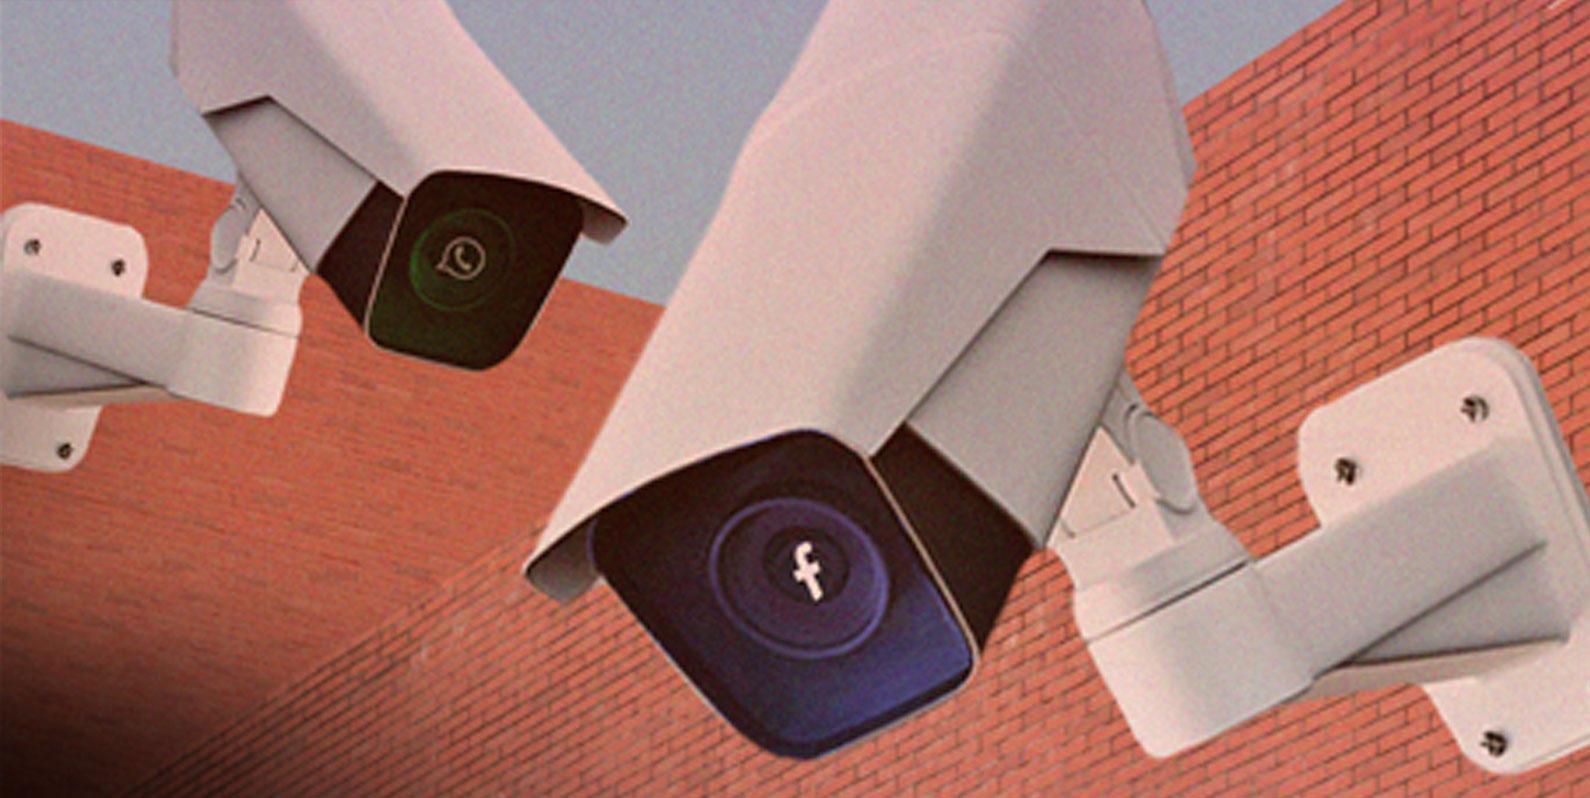 Novas Regras do WhatsApp: a proteção de dados se torna um luxo para 2 bilhões de pessoas?